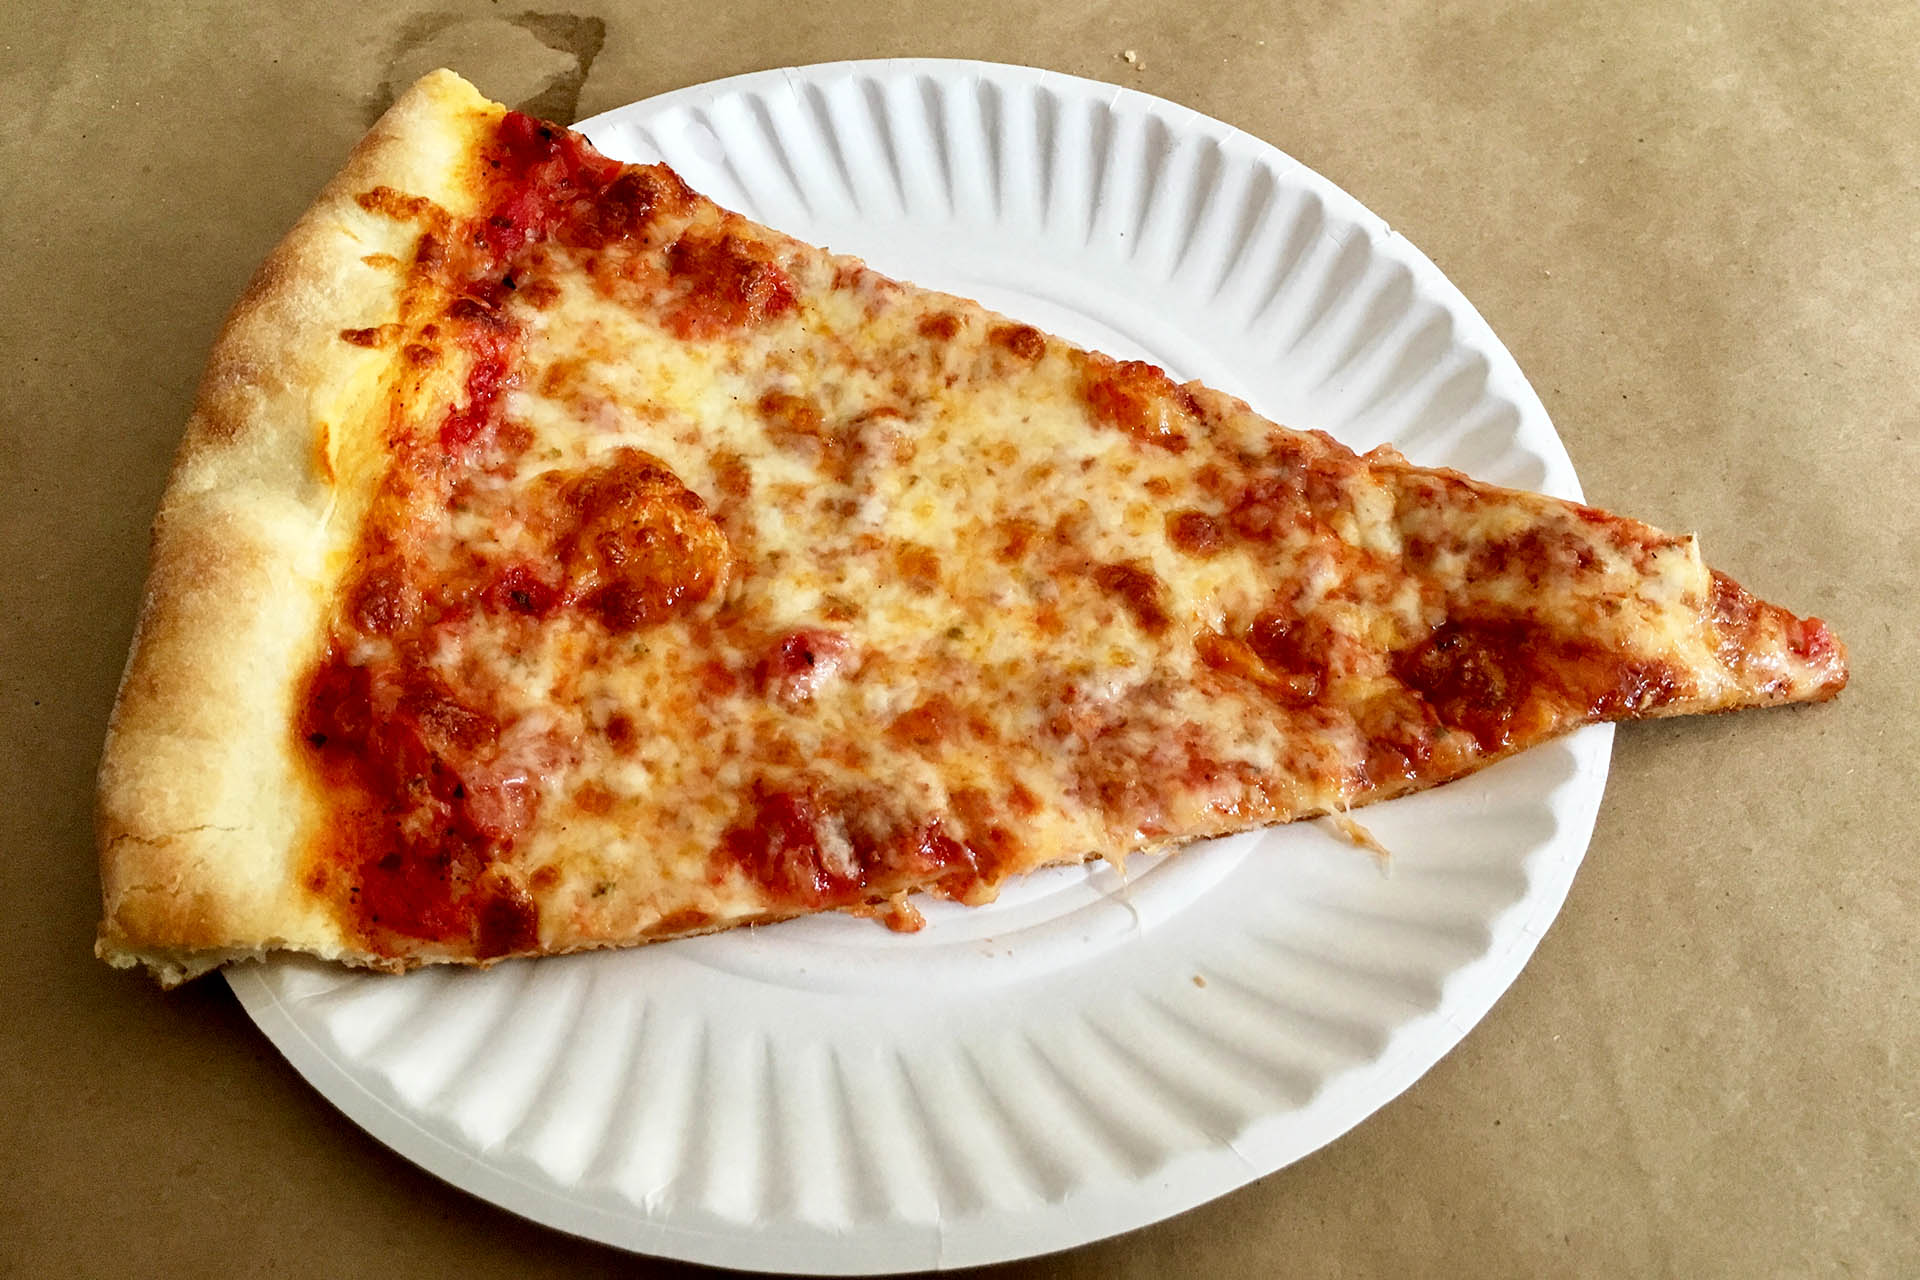 dani's pizza kew gardens scott's pizza tour bitesee